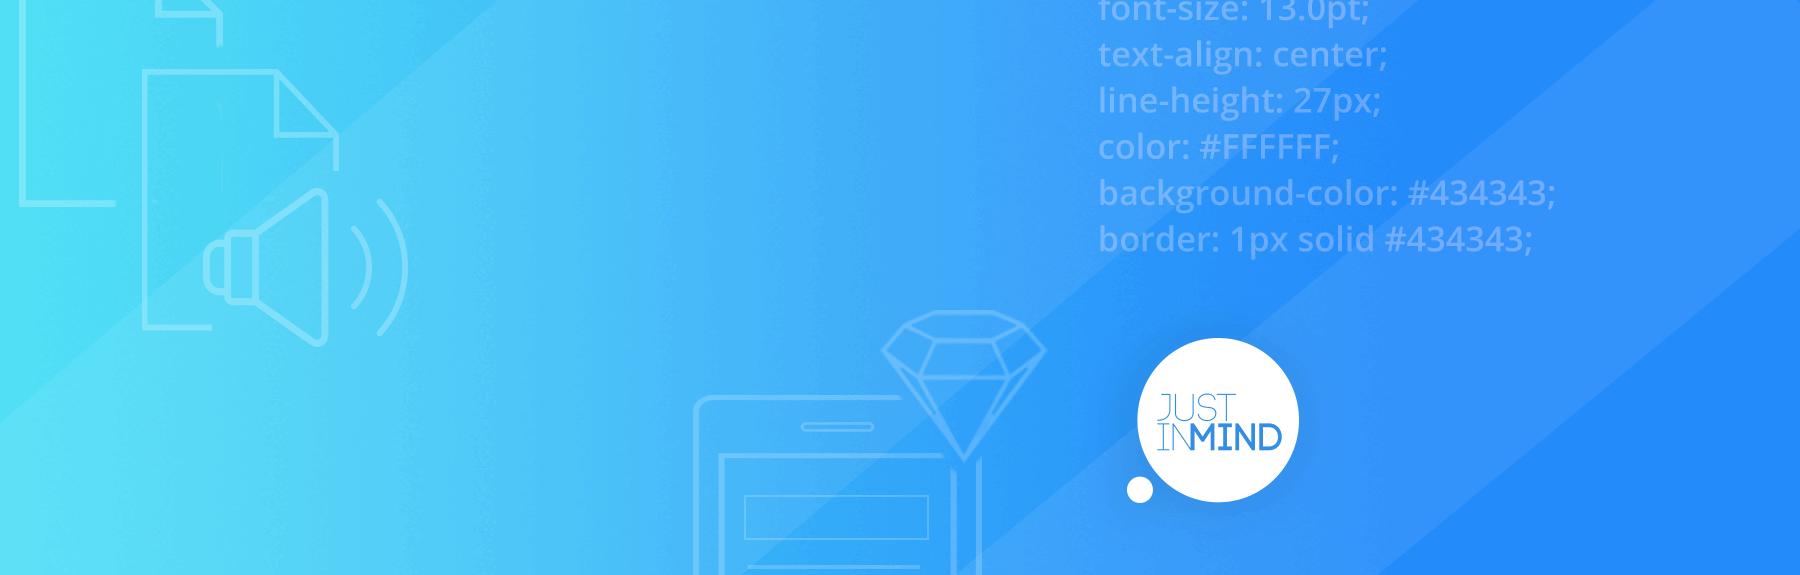 NEW-Justinmind-new-release-sketch_integration-header